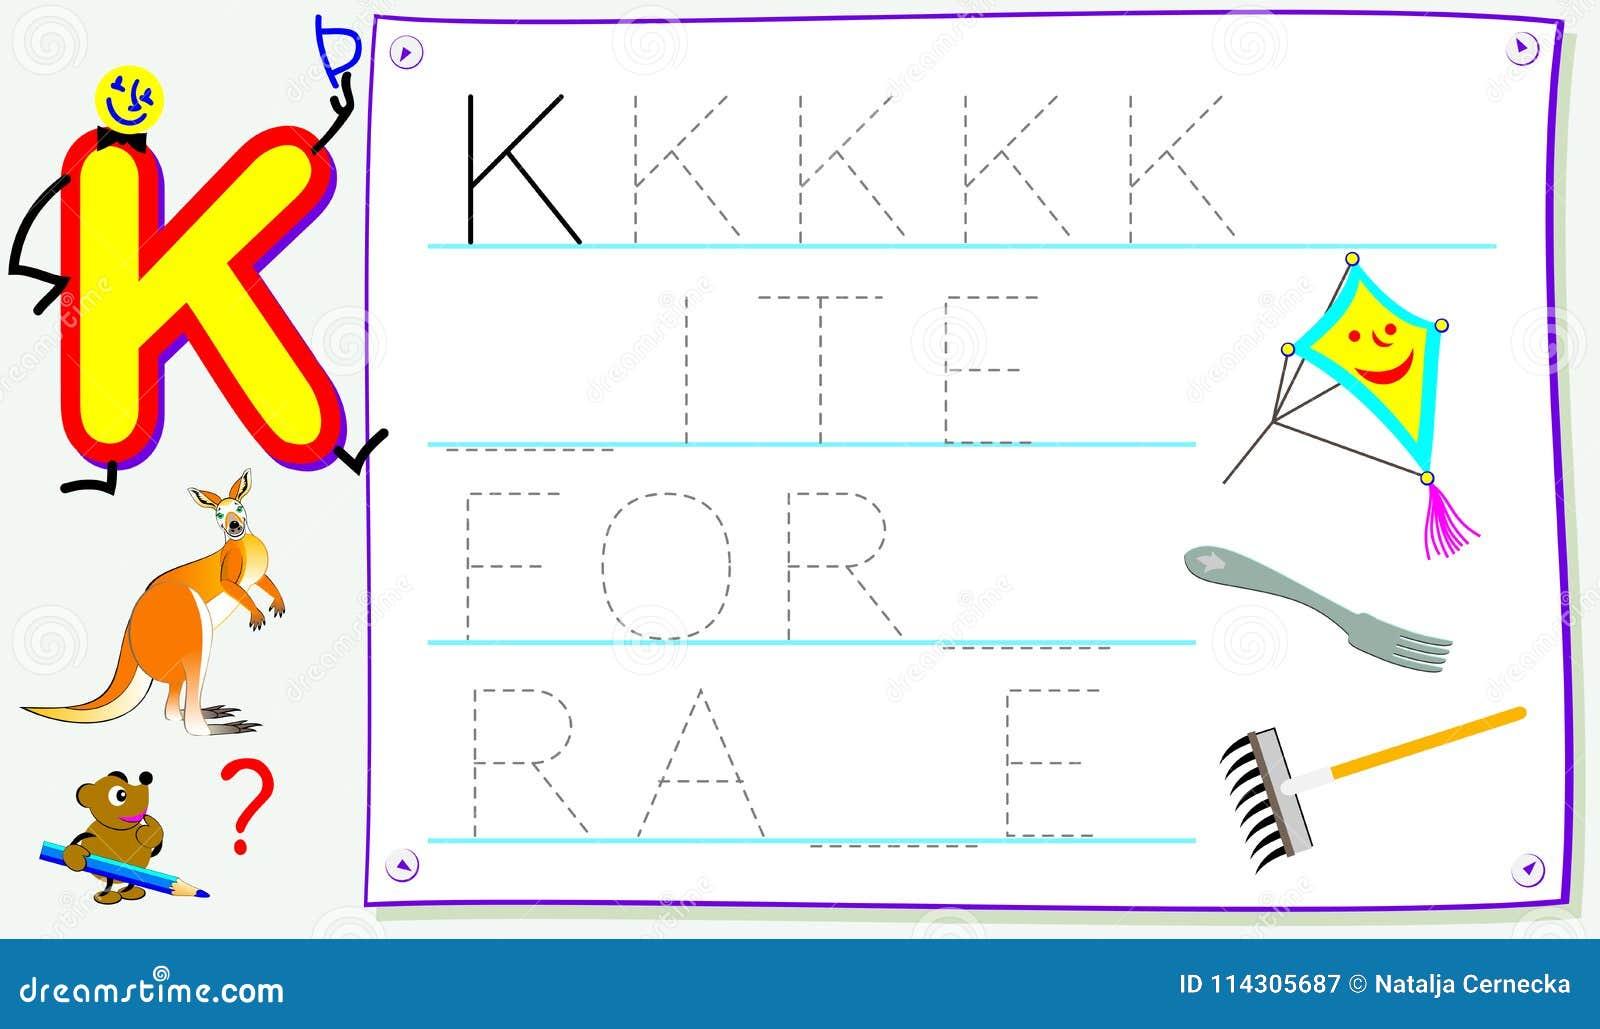 Pädagogische Seite Für Kleinkinder Mit Buchstaben K Für Studie ...